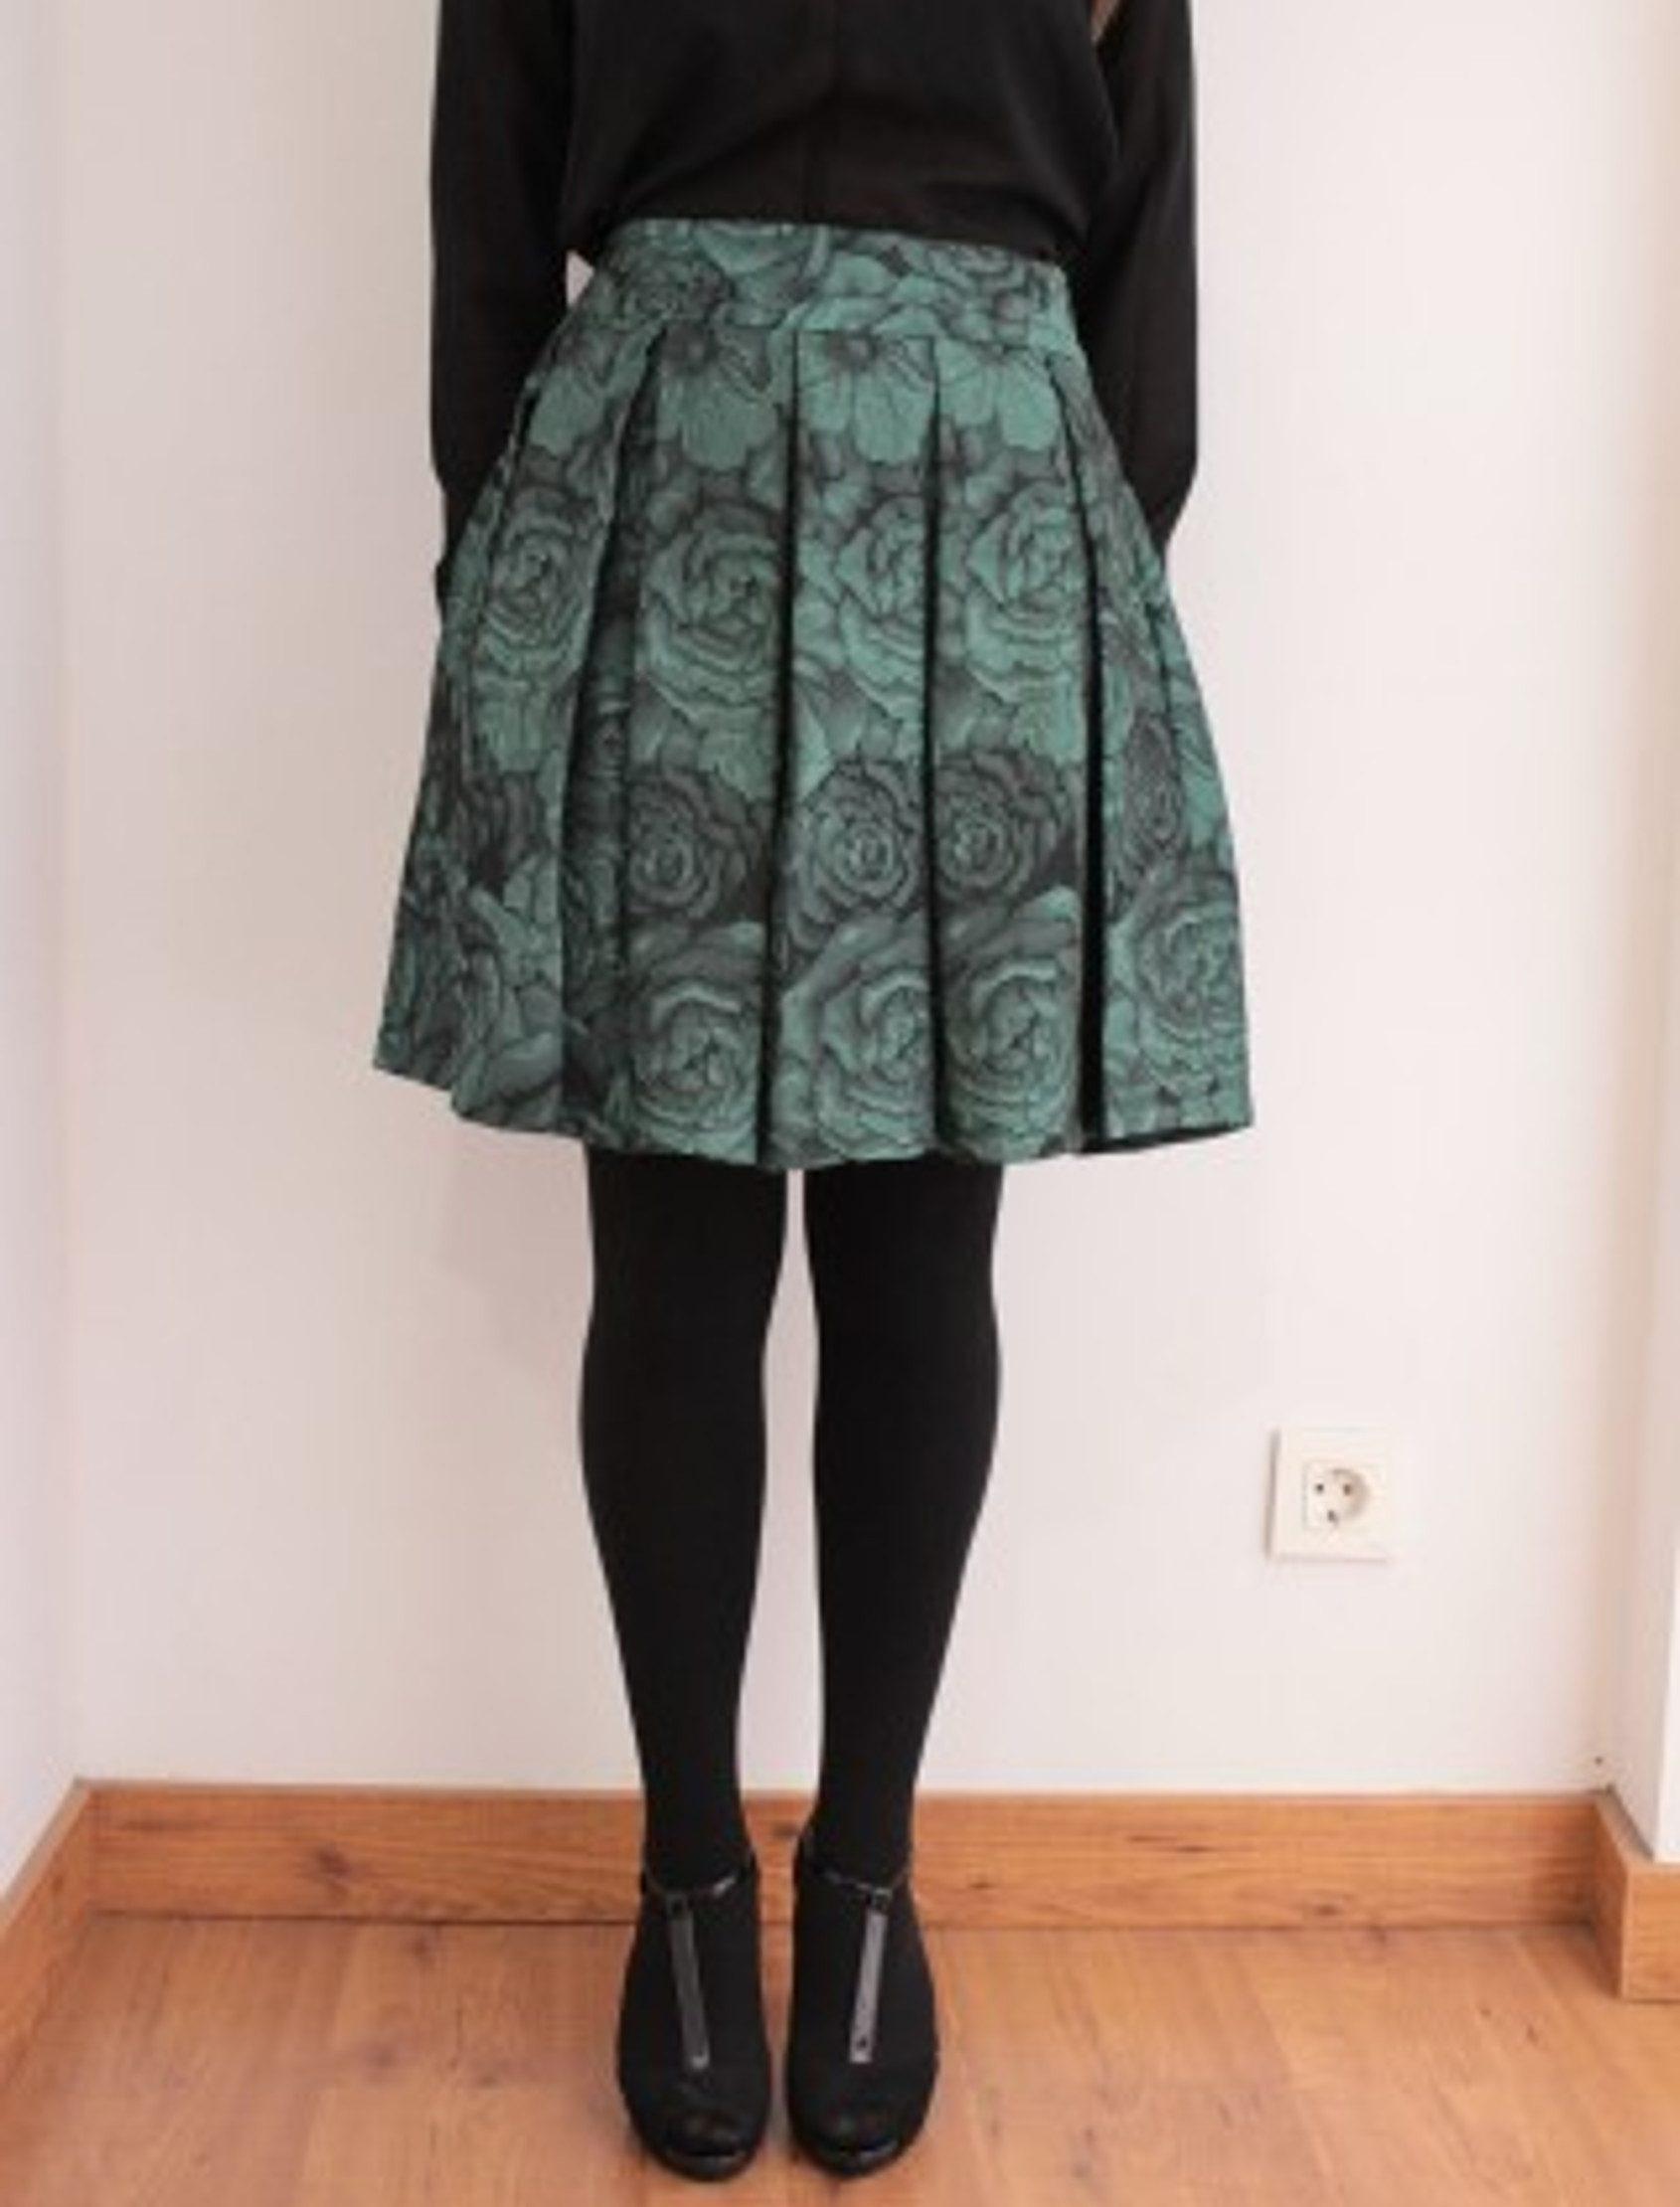 Falda de largo medio, por encima de la rodilla, en un tejido brocado, de poco relieve con una combinación de verde y negro con un poco de brilo.